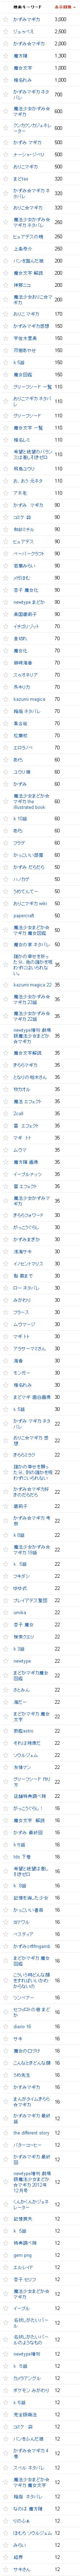 2012/12/02の検索クエリ一覧(ウェブマスターツール)の上位